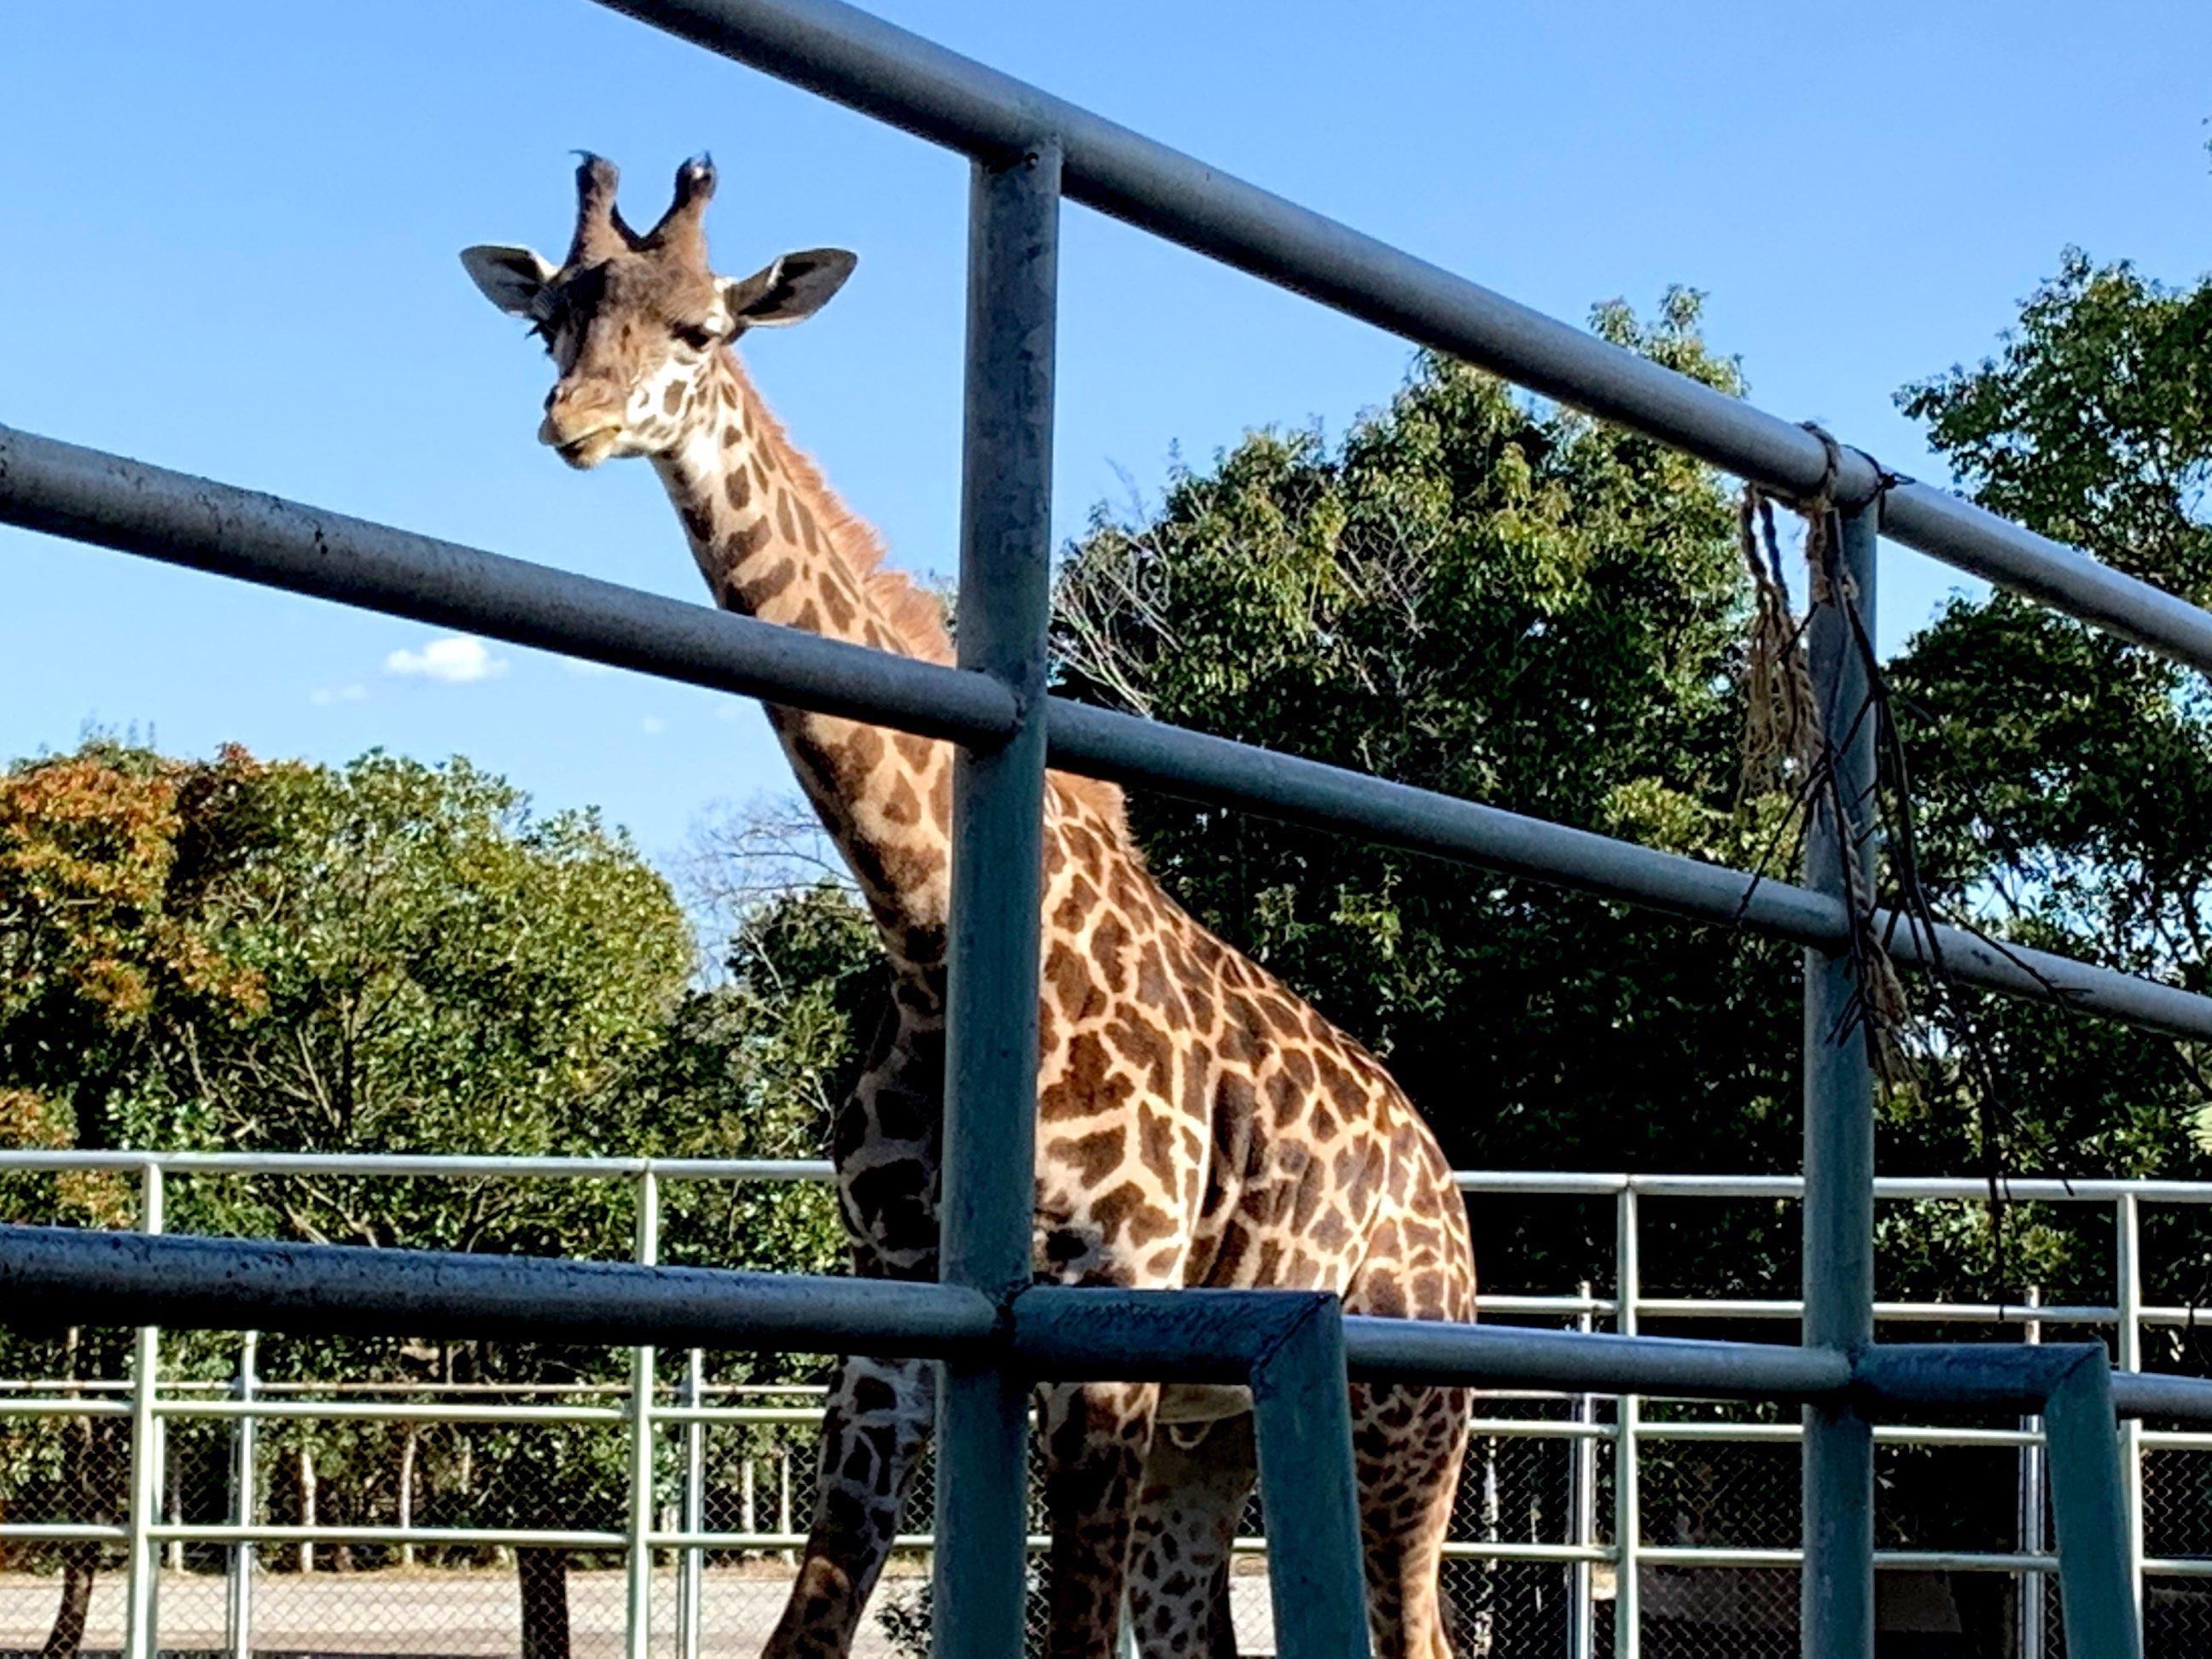 【熊本動植物園】ライオンたちも戻ってきたよ!祝全面再開!